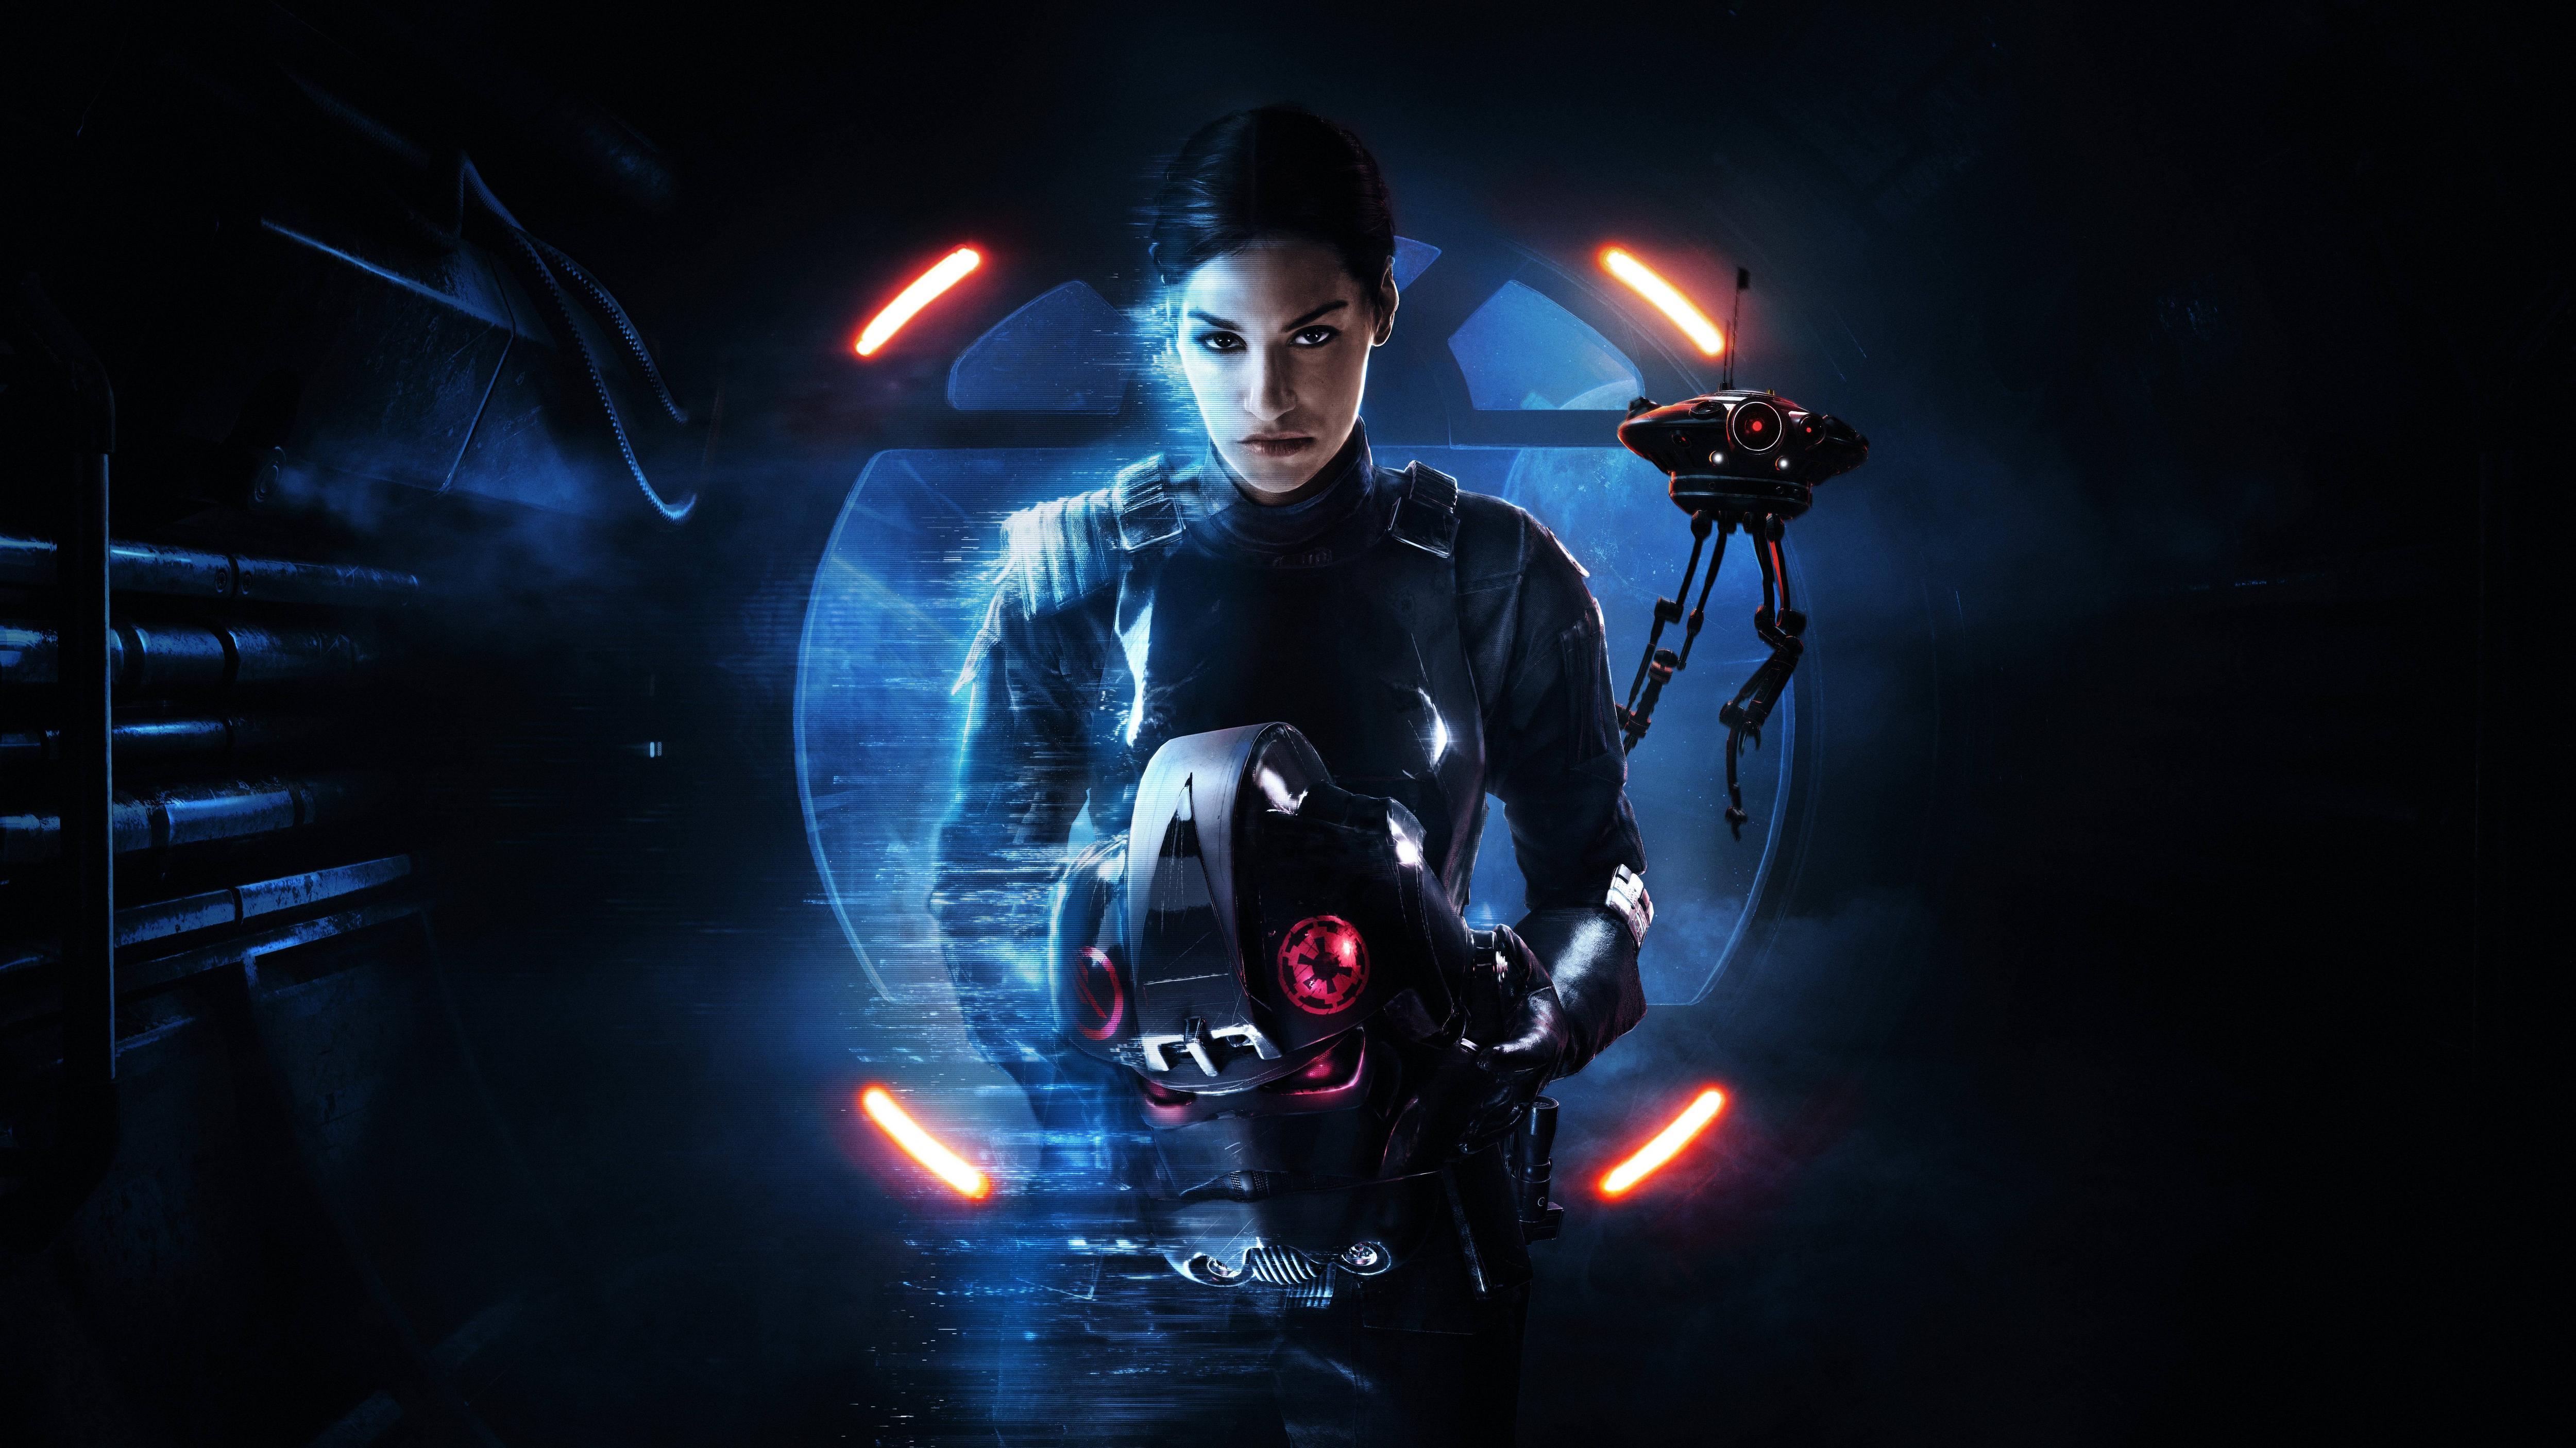 دنیس برنوال، کارگردان بازی Star Wars: Battlefront 2  از استودیوی دایس خبر جدایی خود از تیم توسعهدهندگان این شرکت را اعلام کرد.